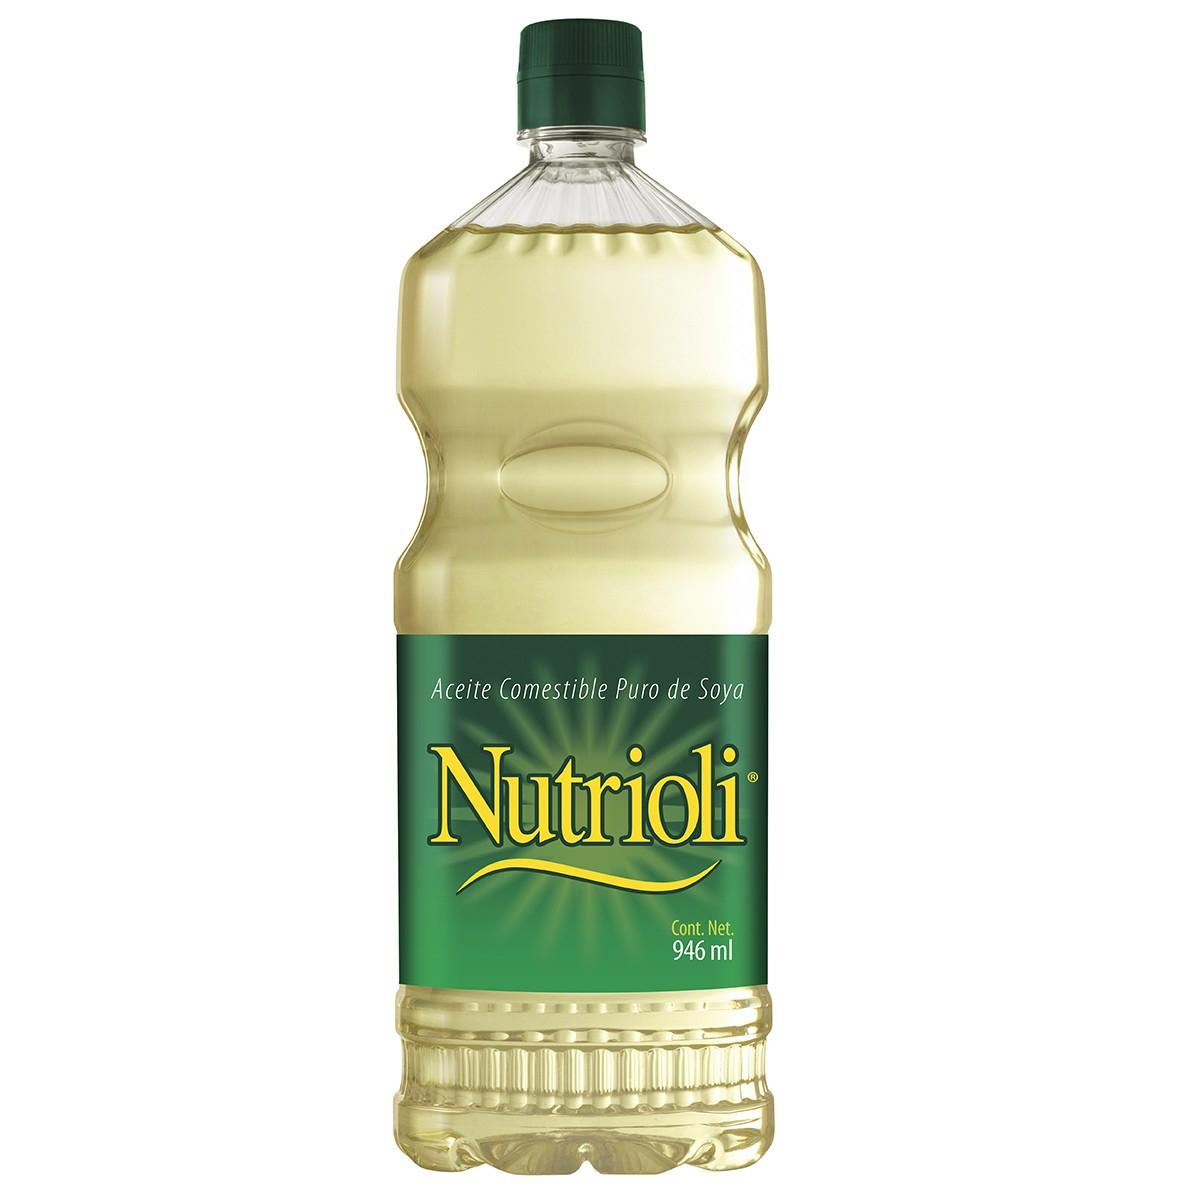 Chedraui: aceite nutrioli de 946ml 2x$53